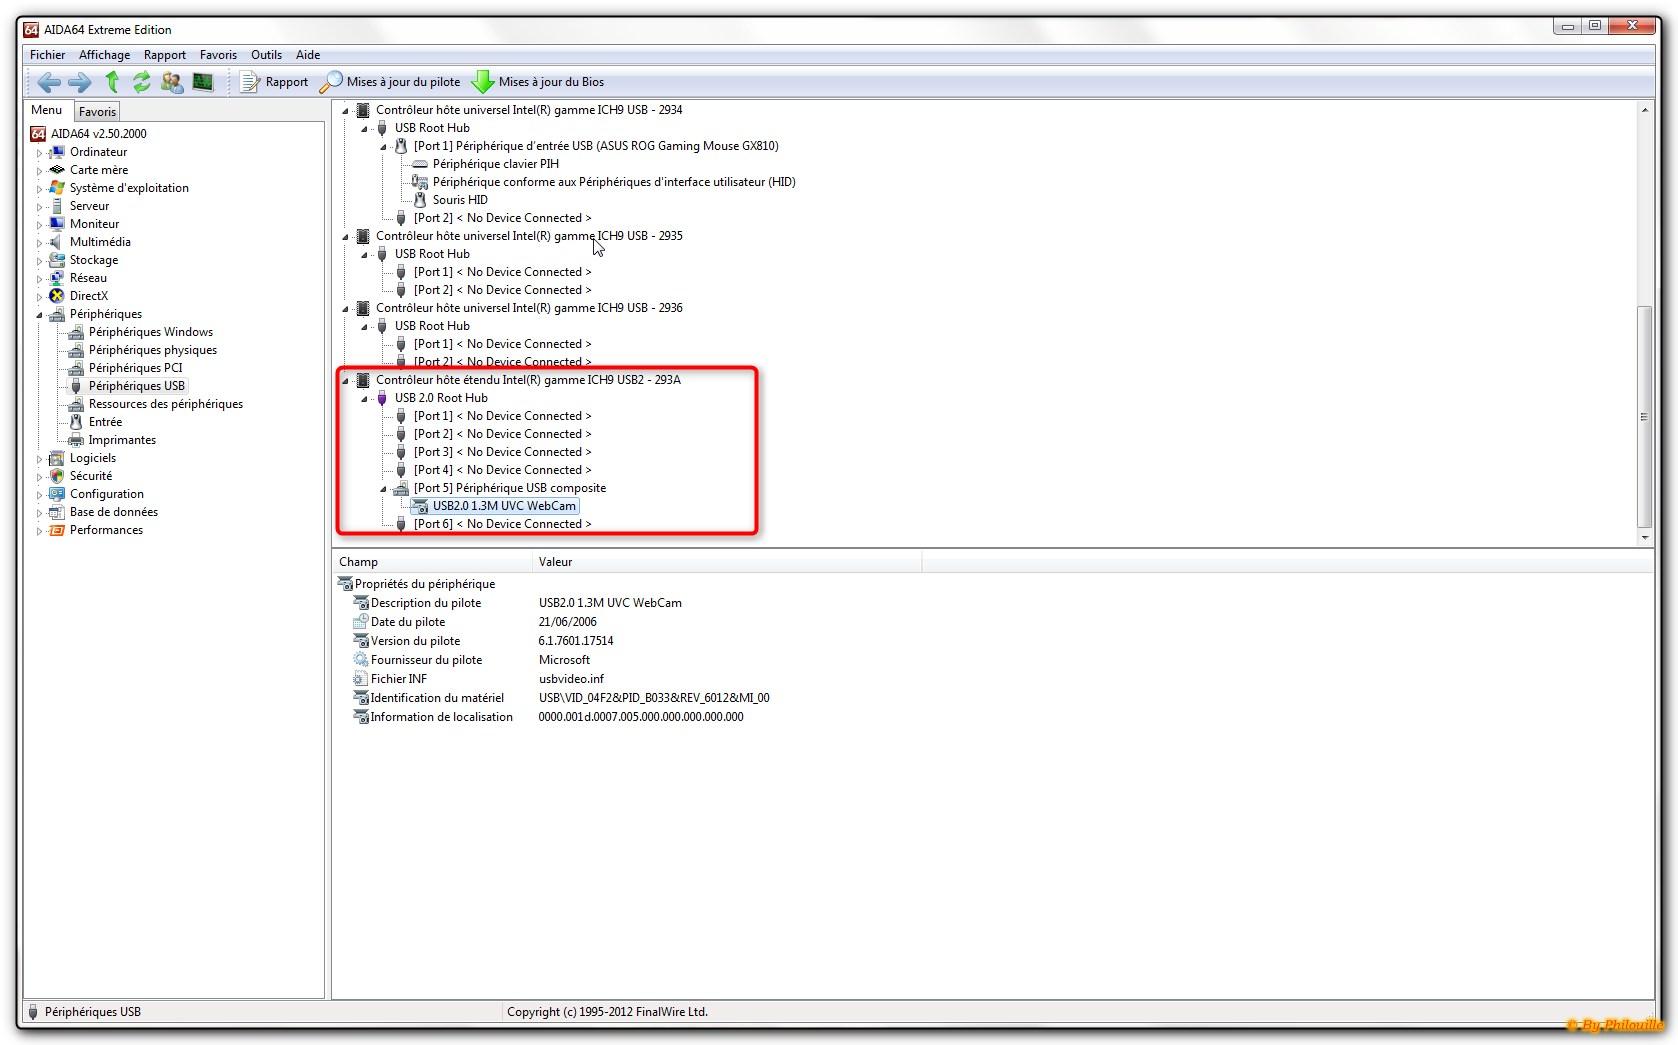 R solu programation directe du gestionnaire de - Port usb ne reconnait pas peripheriques ...